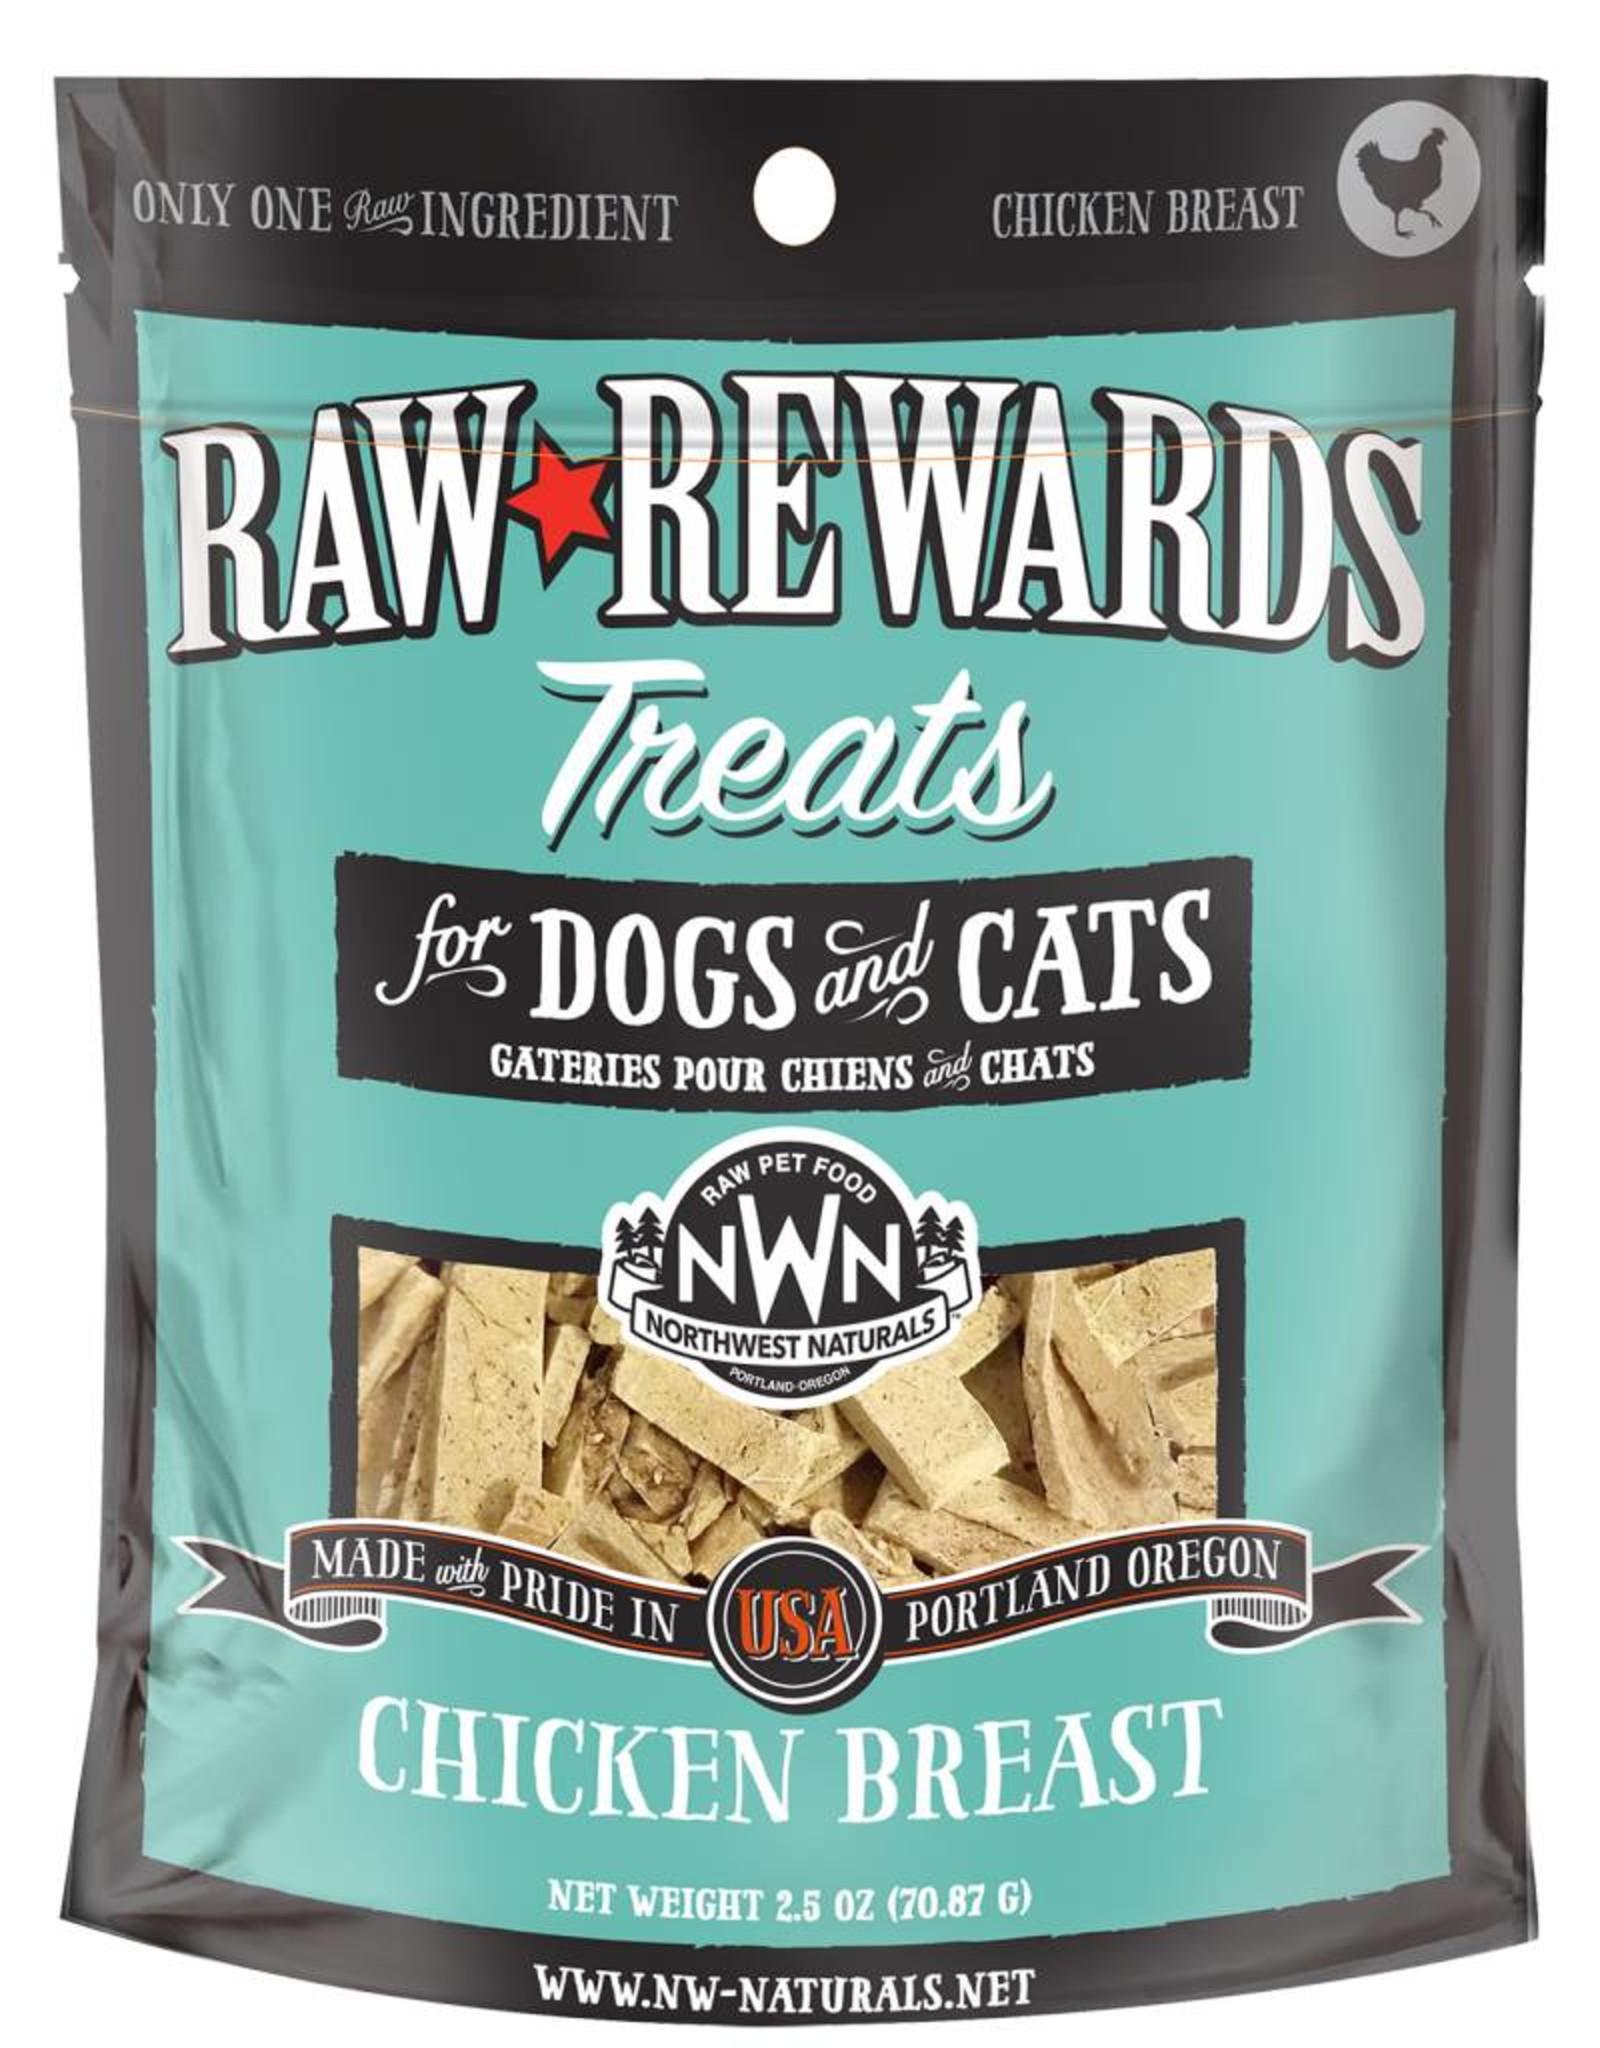 Northwest Naturals Northwest Naturals Chicken Breast Treat